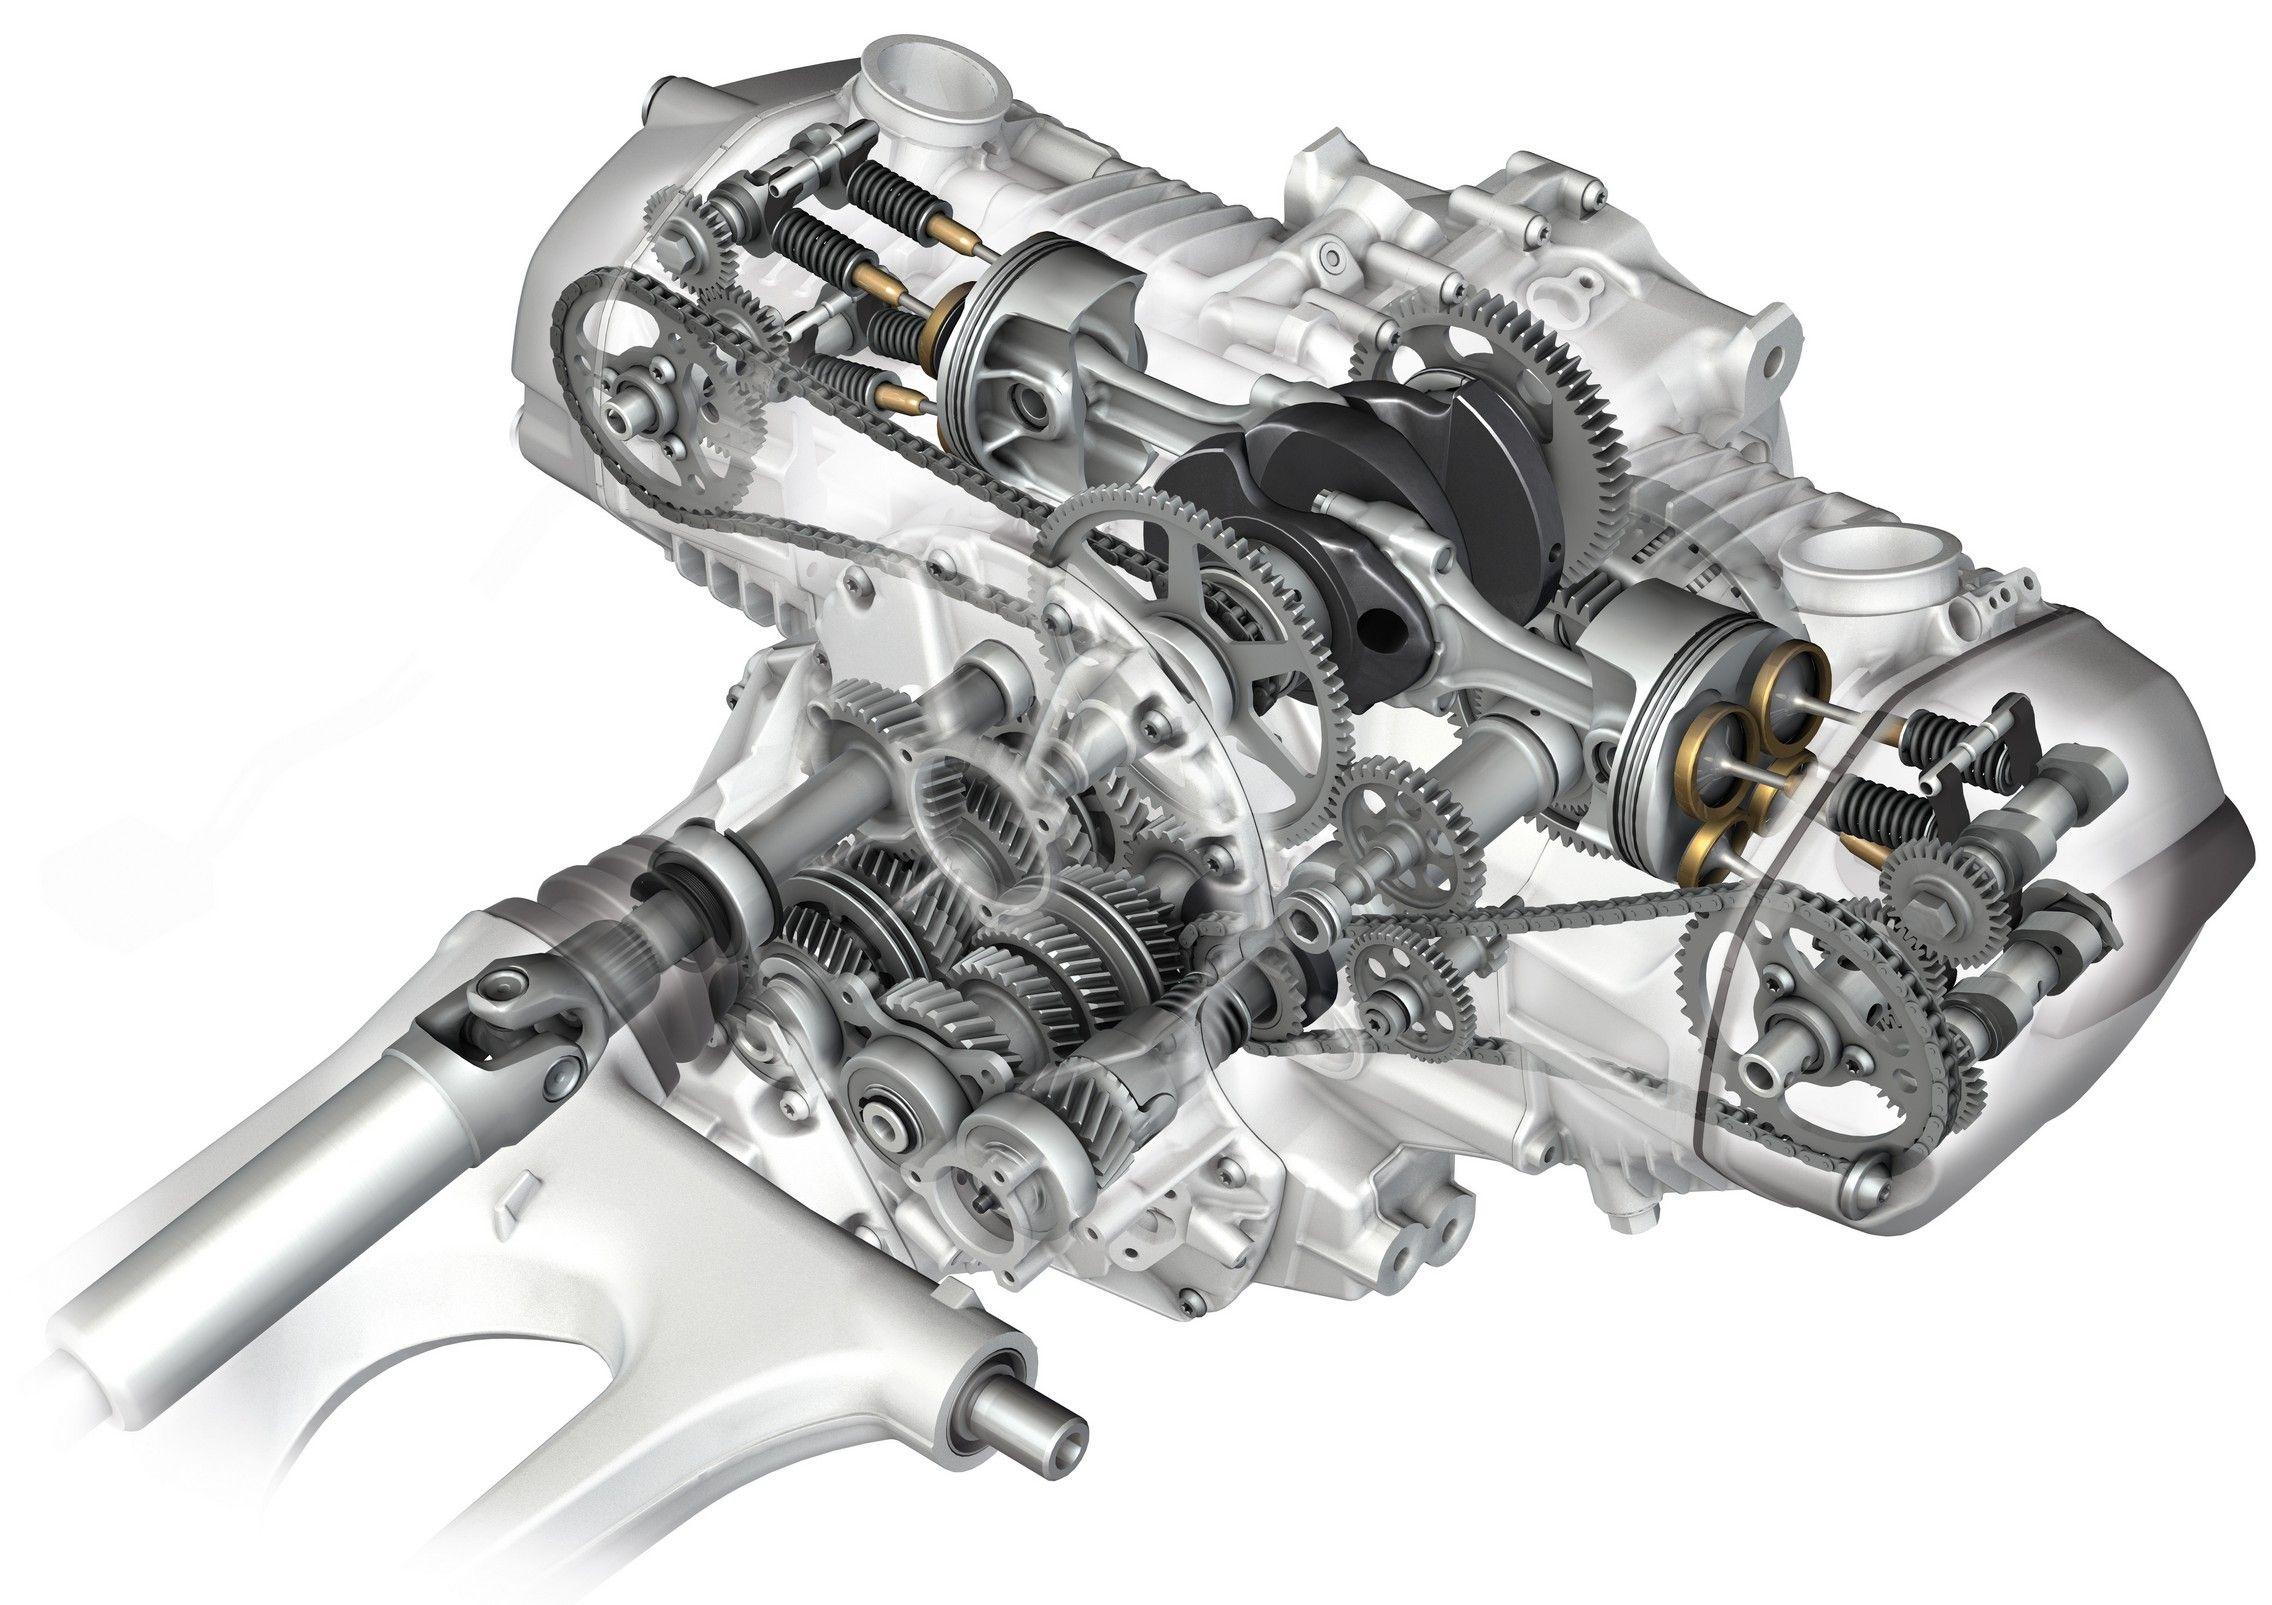 Motori Boxer Piatti Flat A Cilindri Contrapposti A V